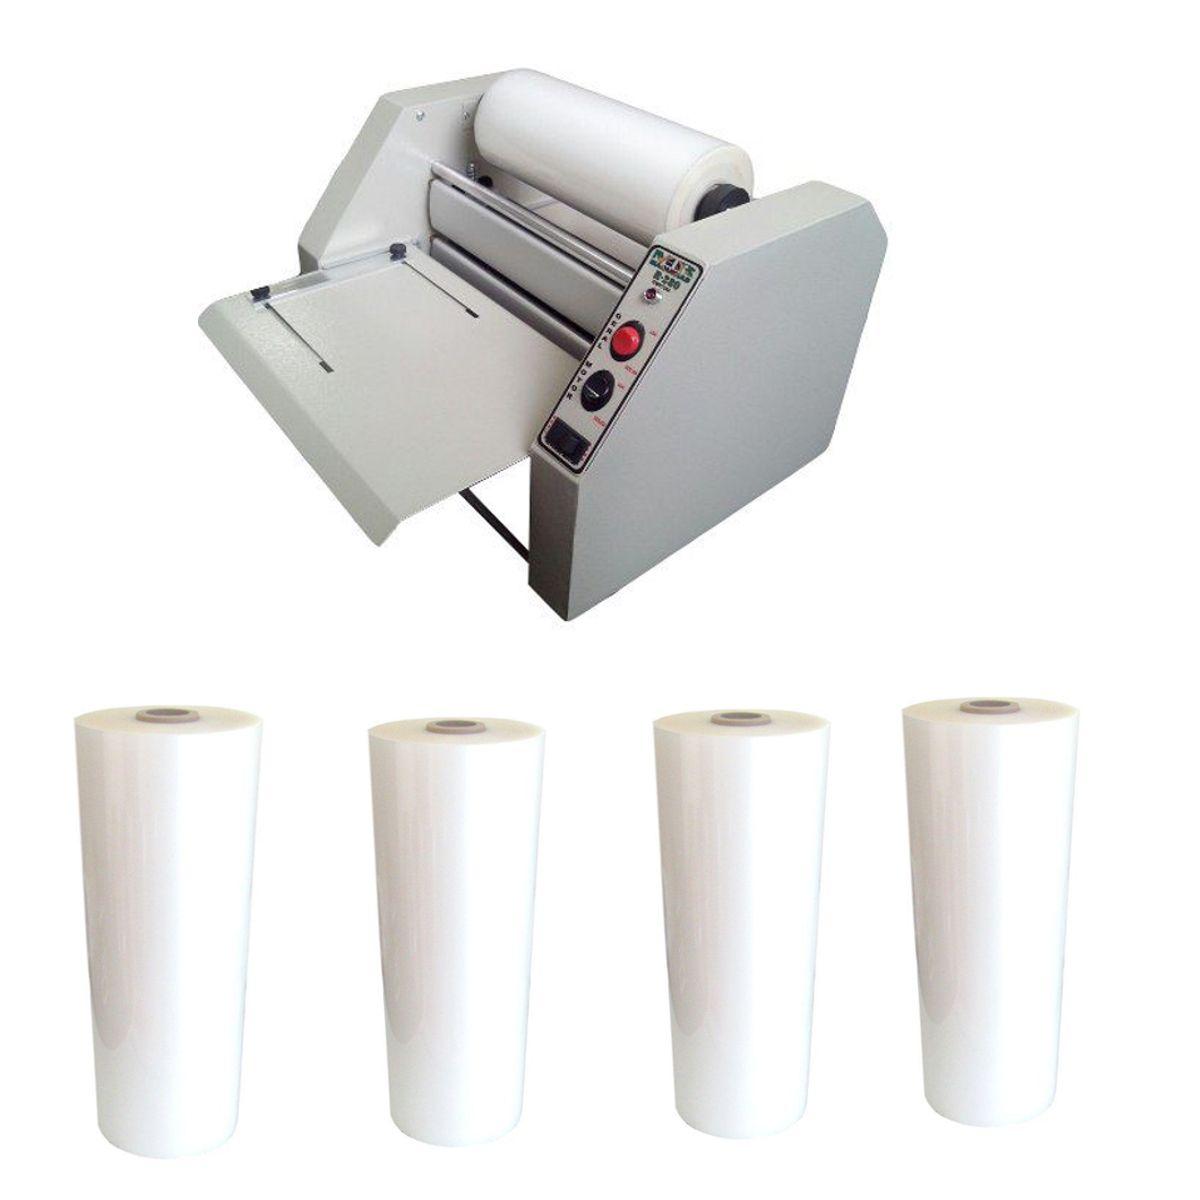 Kit Plastificadora R-380 + 4 Bobinas (A3 e Ofício)